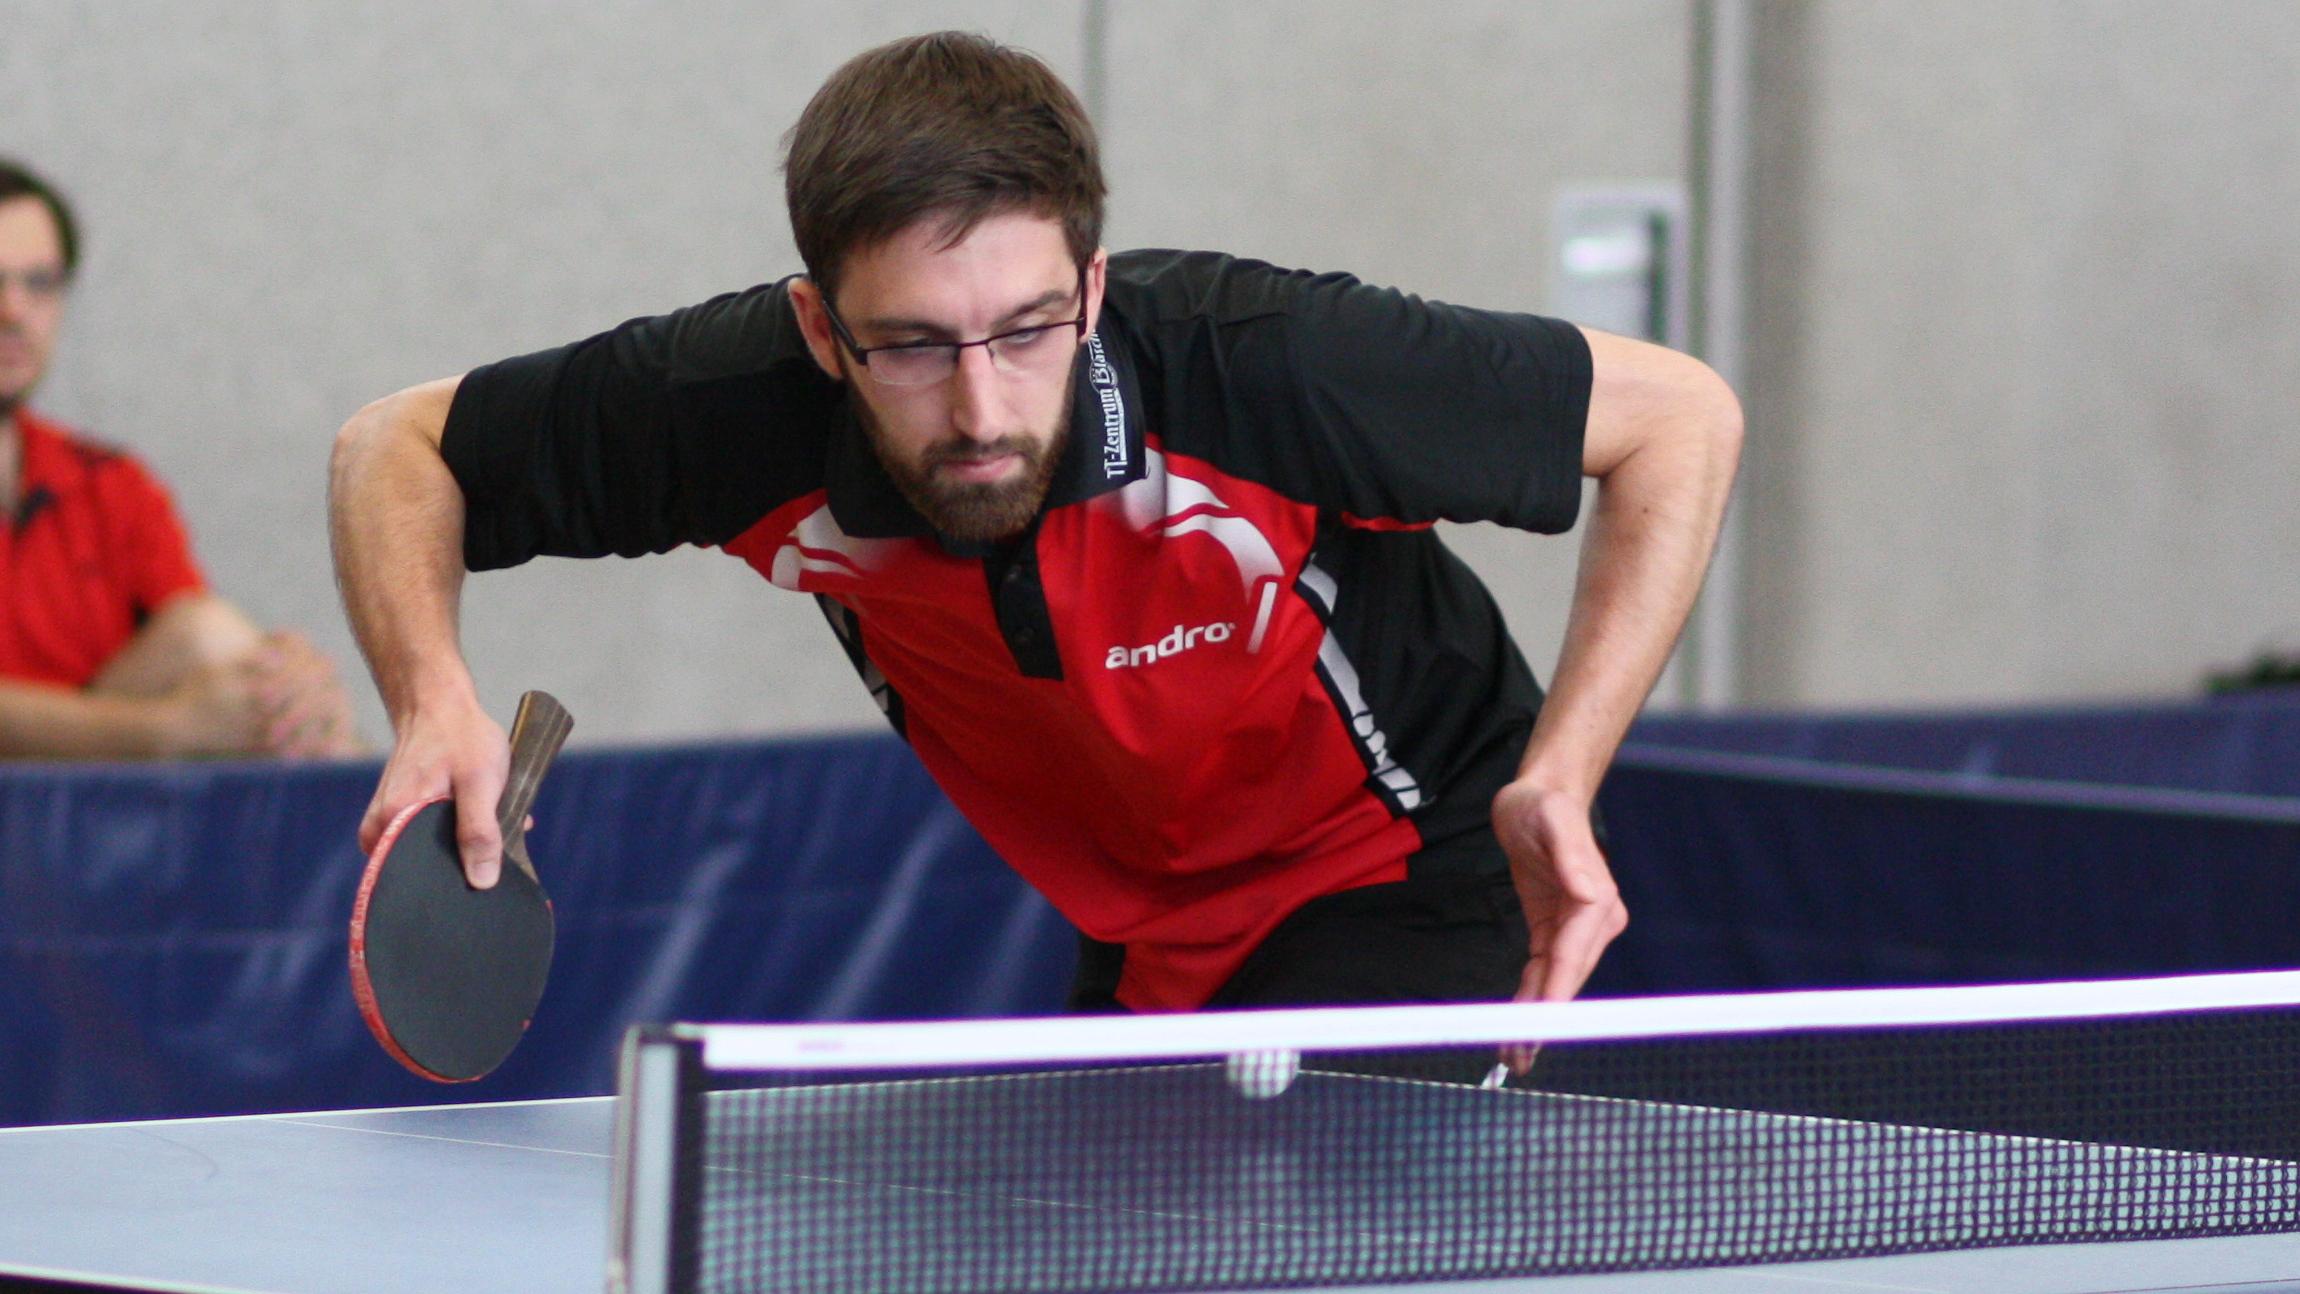 Vizekusen? 2017 gab es die dritte Silbermedaille in Folge bei den Vereinsmeisterschaften für Felix. Vereinsranglisten liegen ihm da mehr.